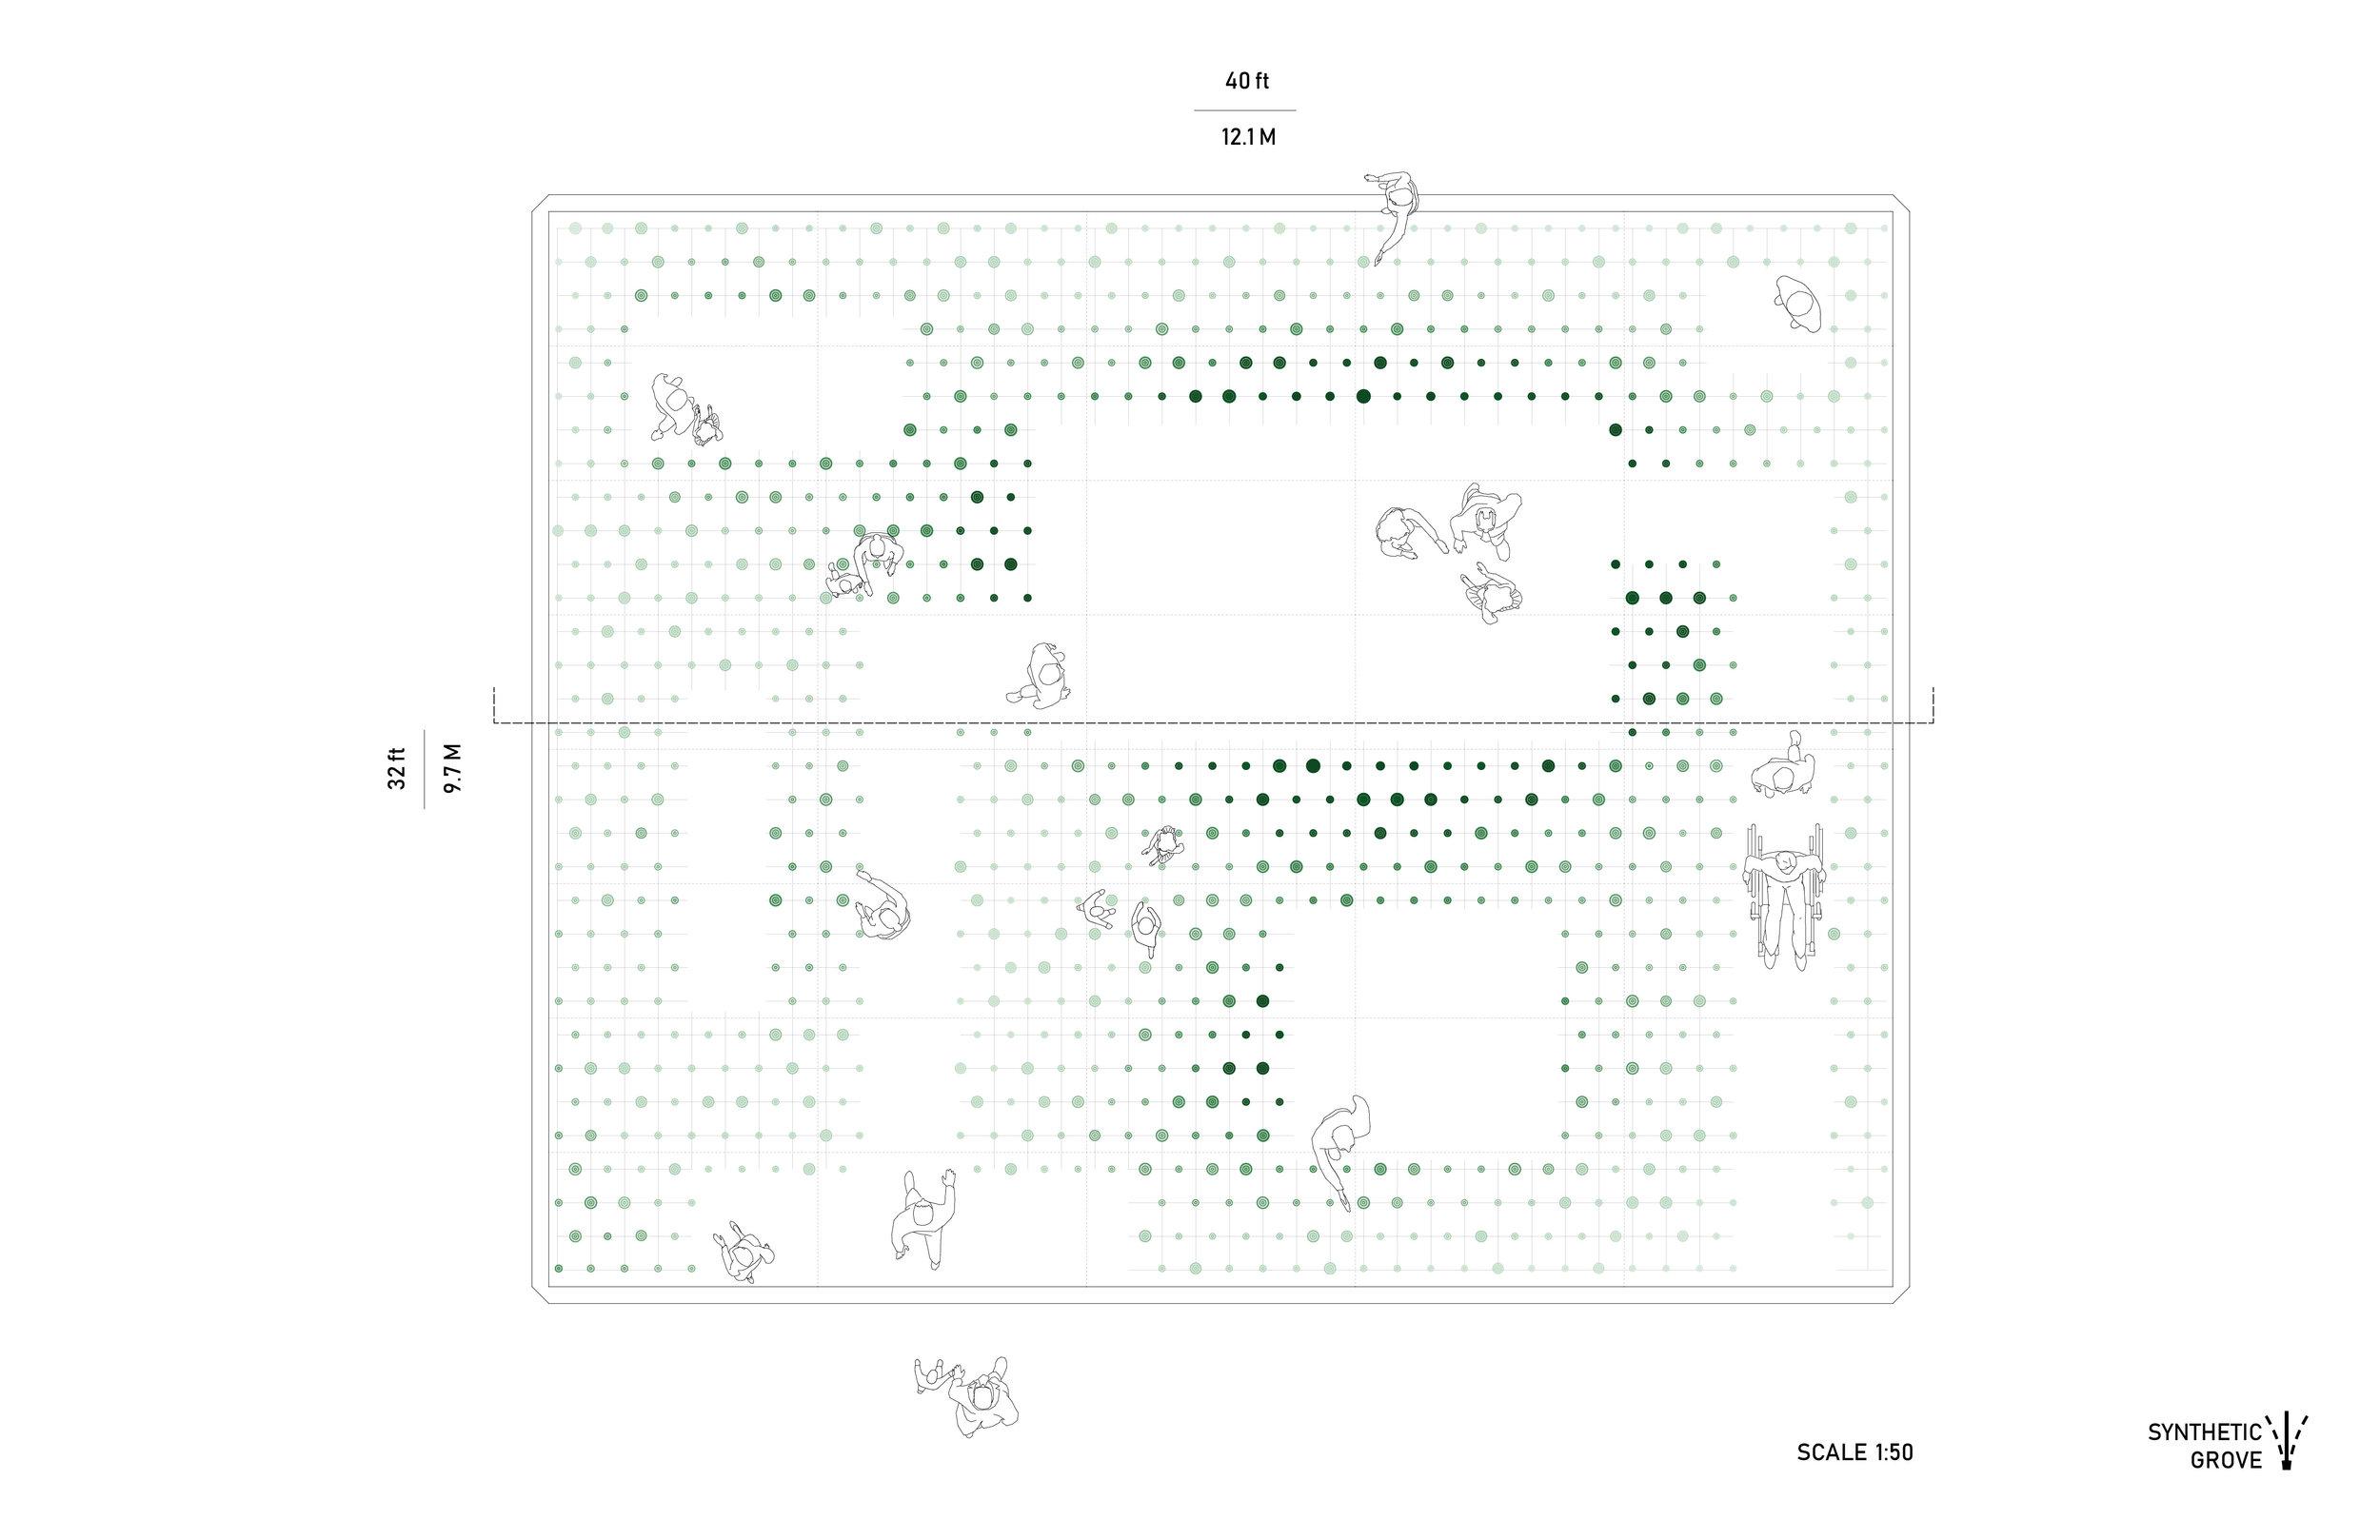 ALBUM_1_LP2.jpg